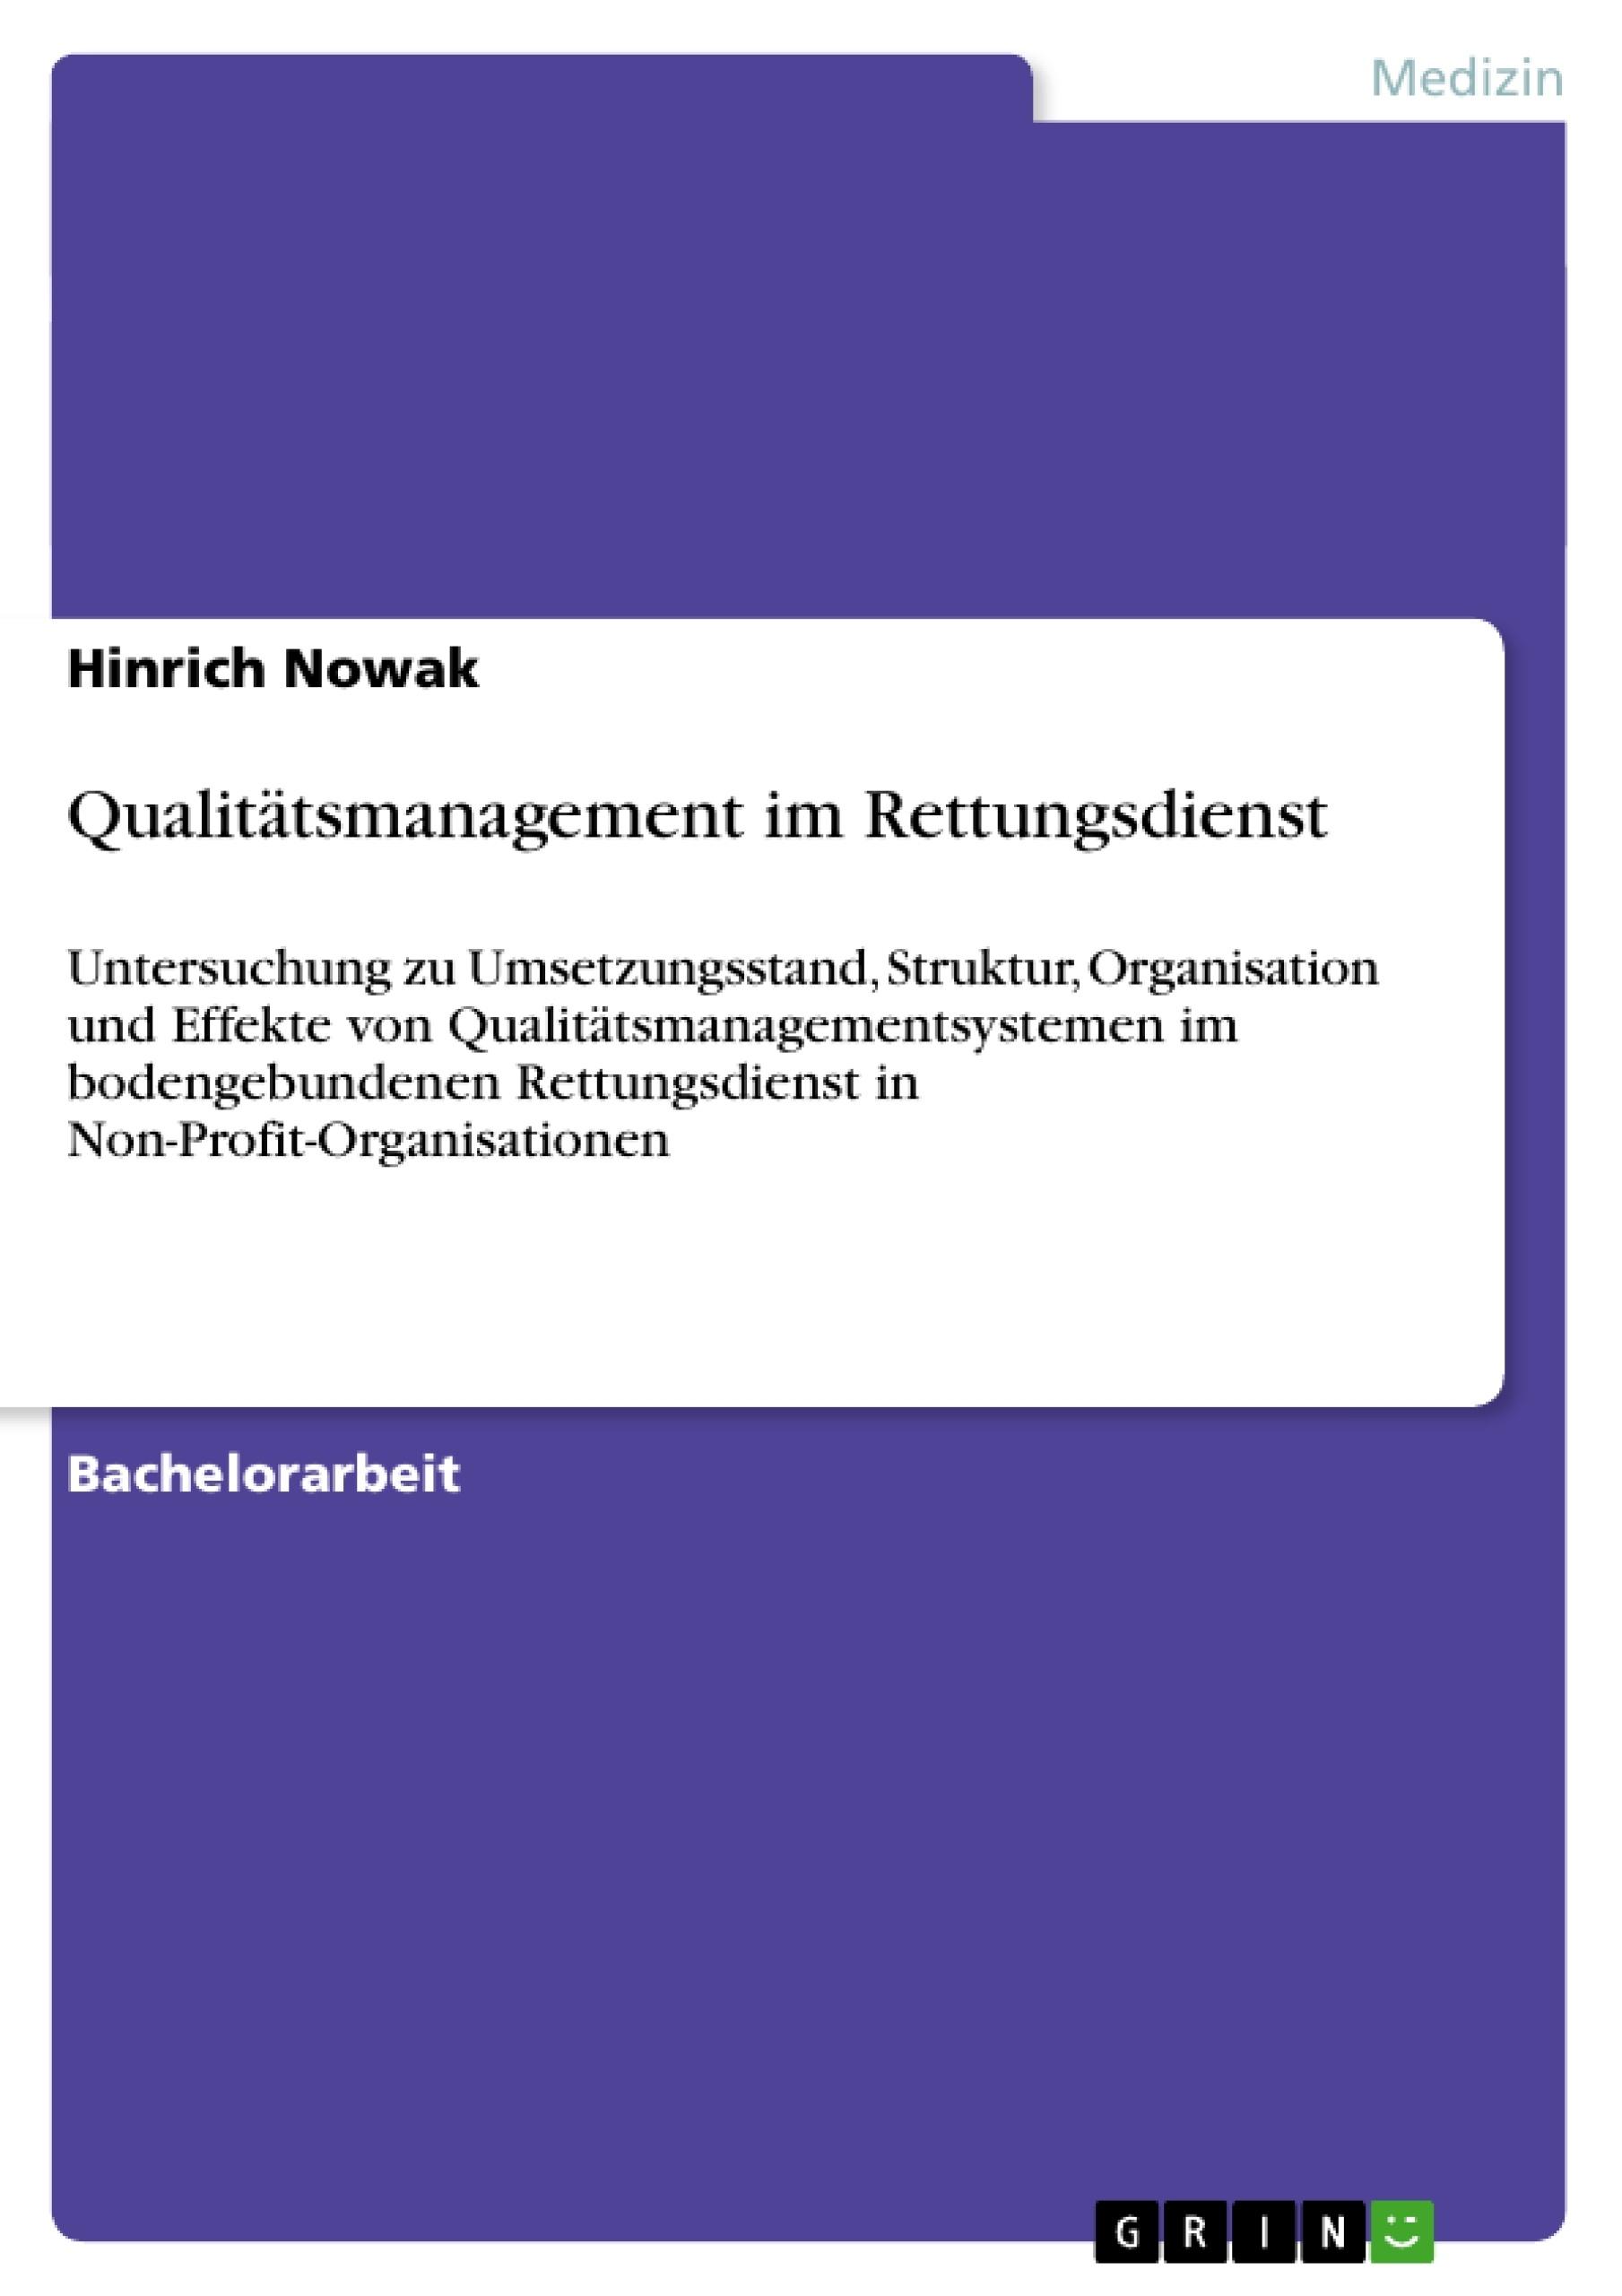 Titel: Qualitätsmanagement im Rettungsdienst